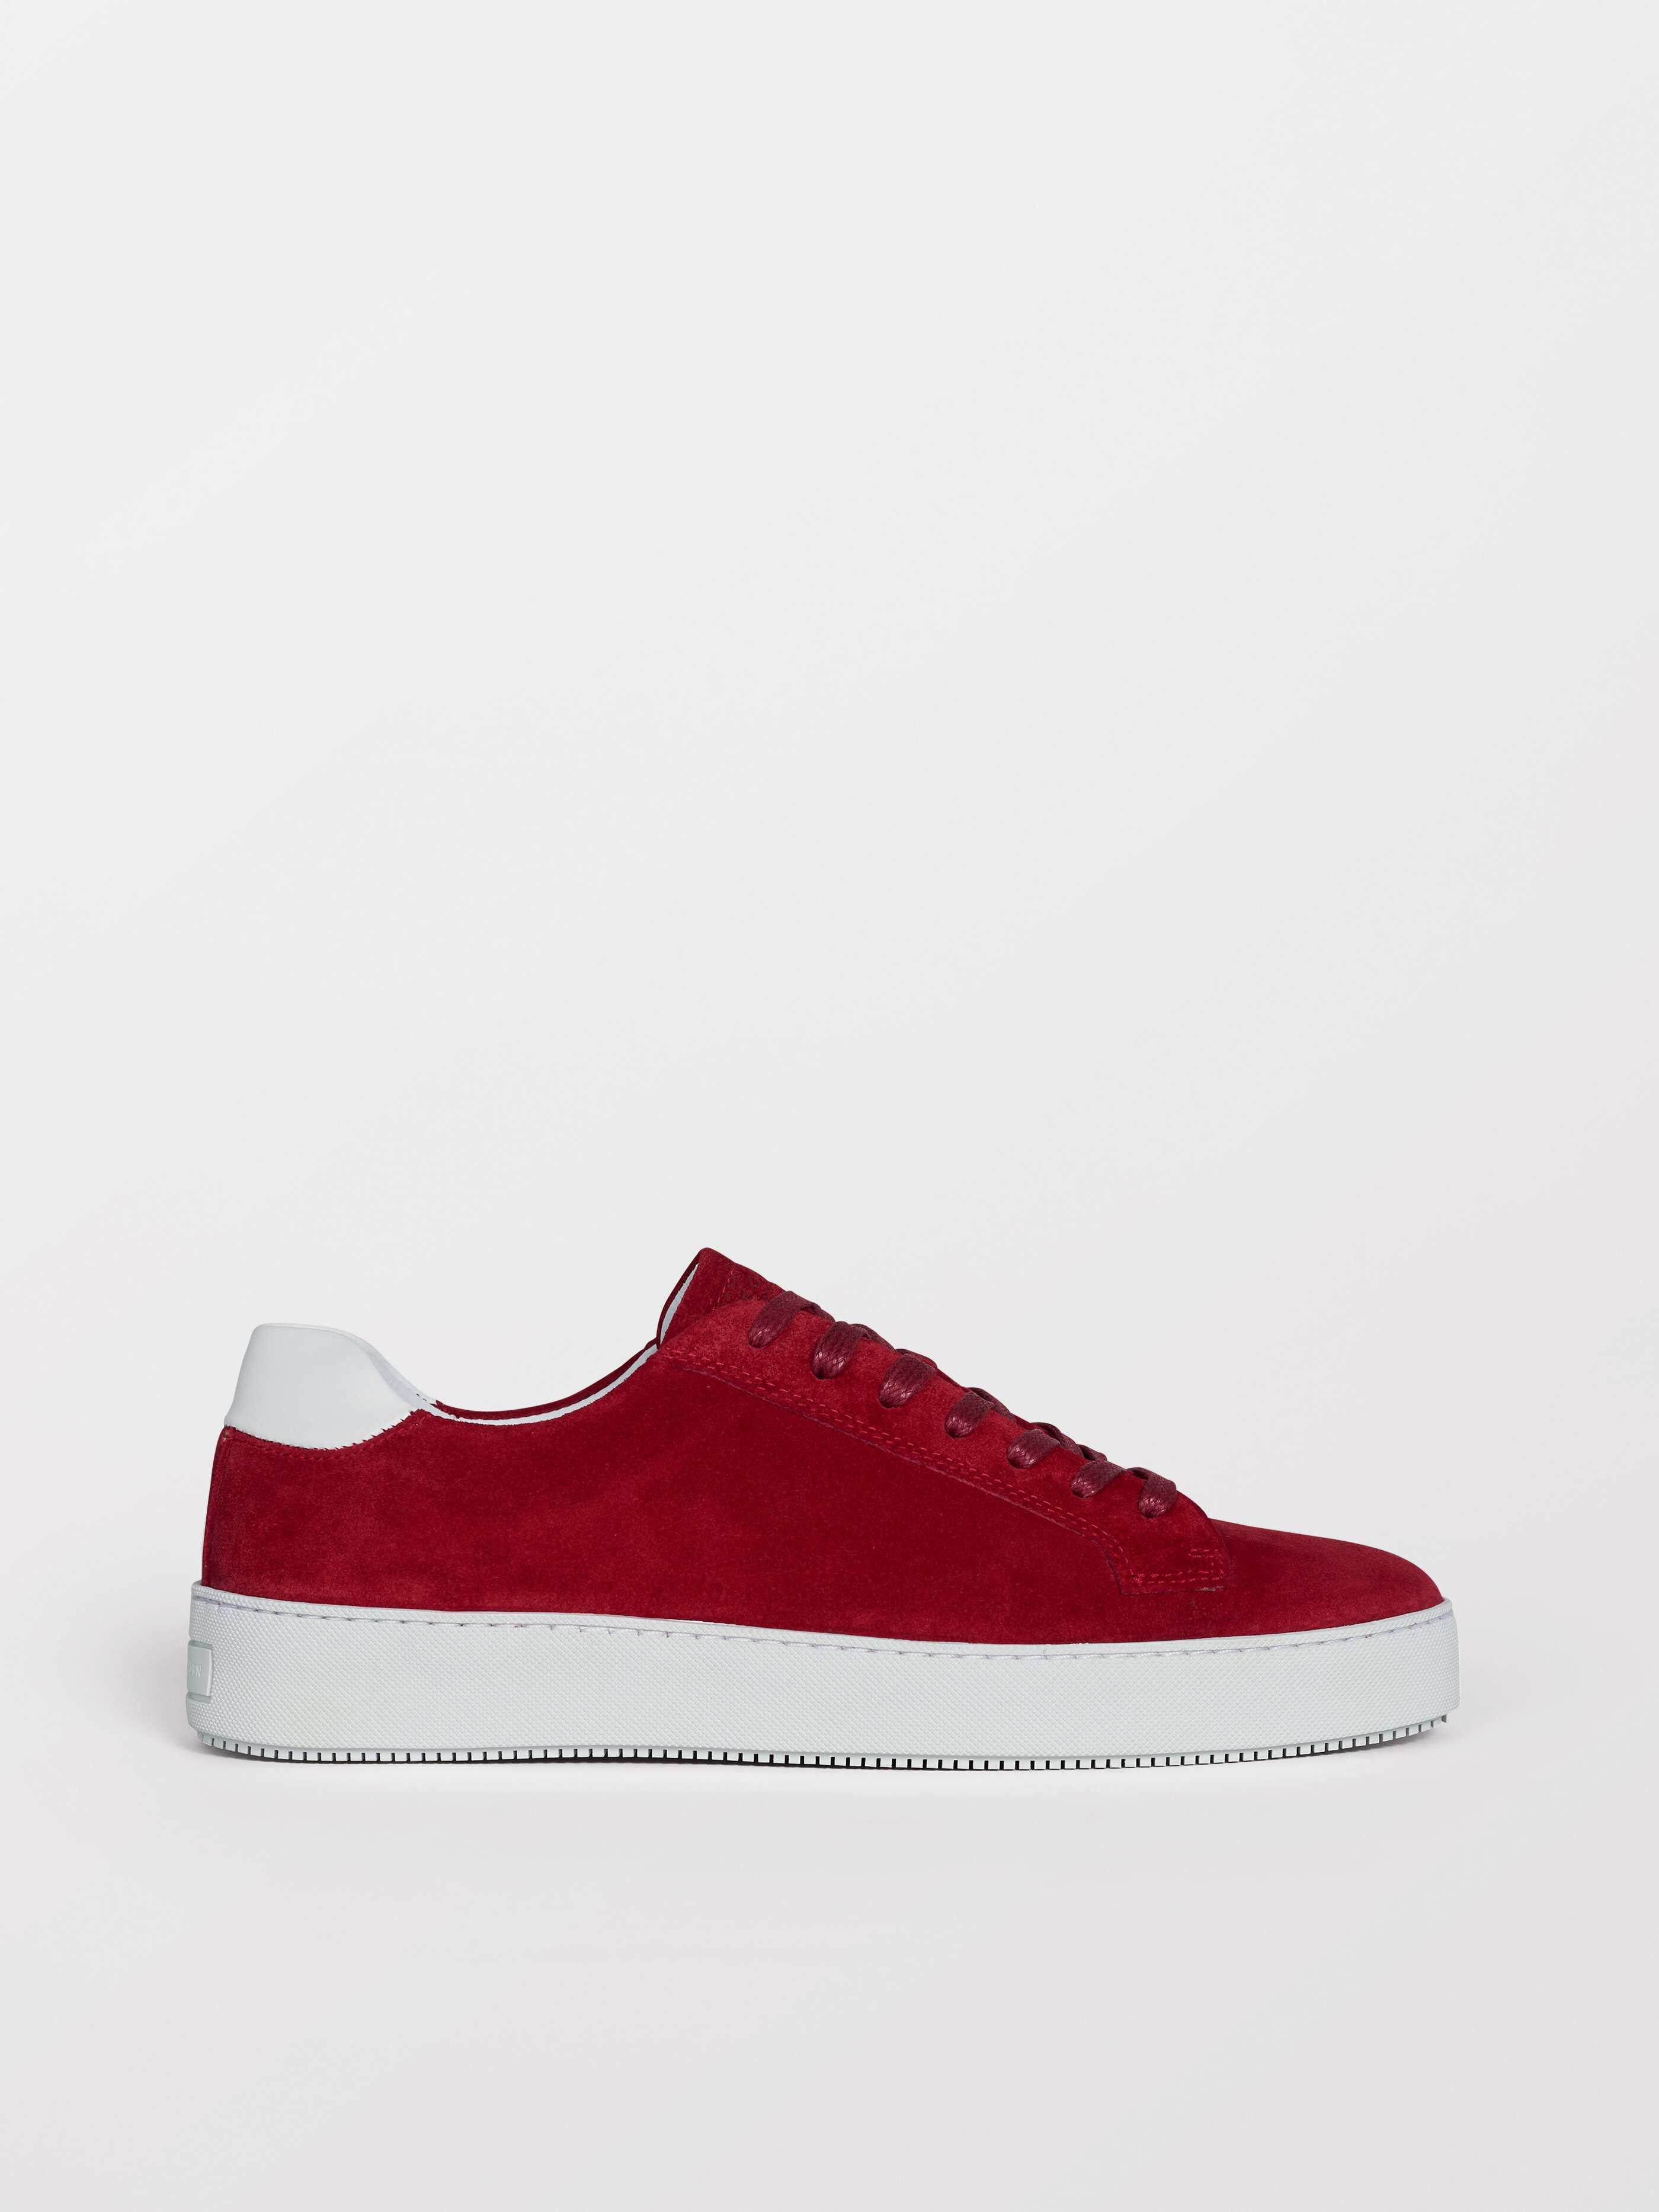 Shop Sweden Online Shoes Tiger Of Women's Designer At SqVpUzM